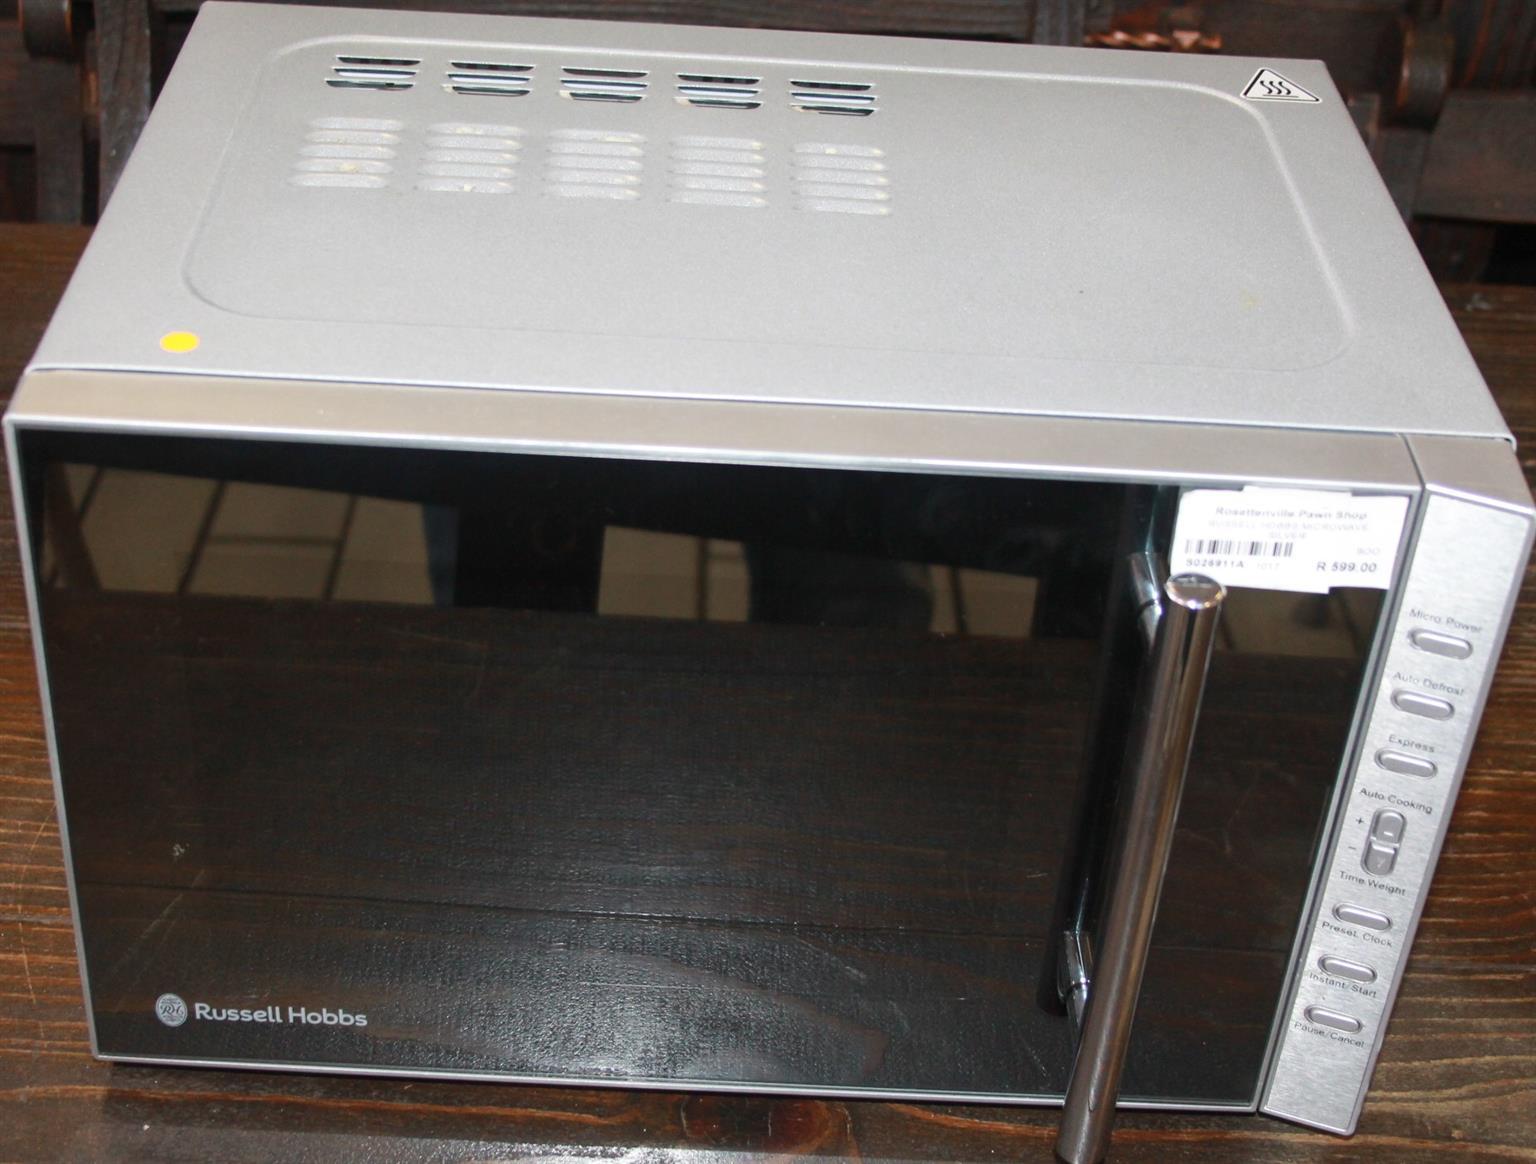 Russell hobbs microwave S026911a  #Rosettenvillepawnshop